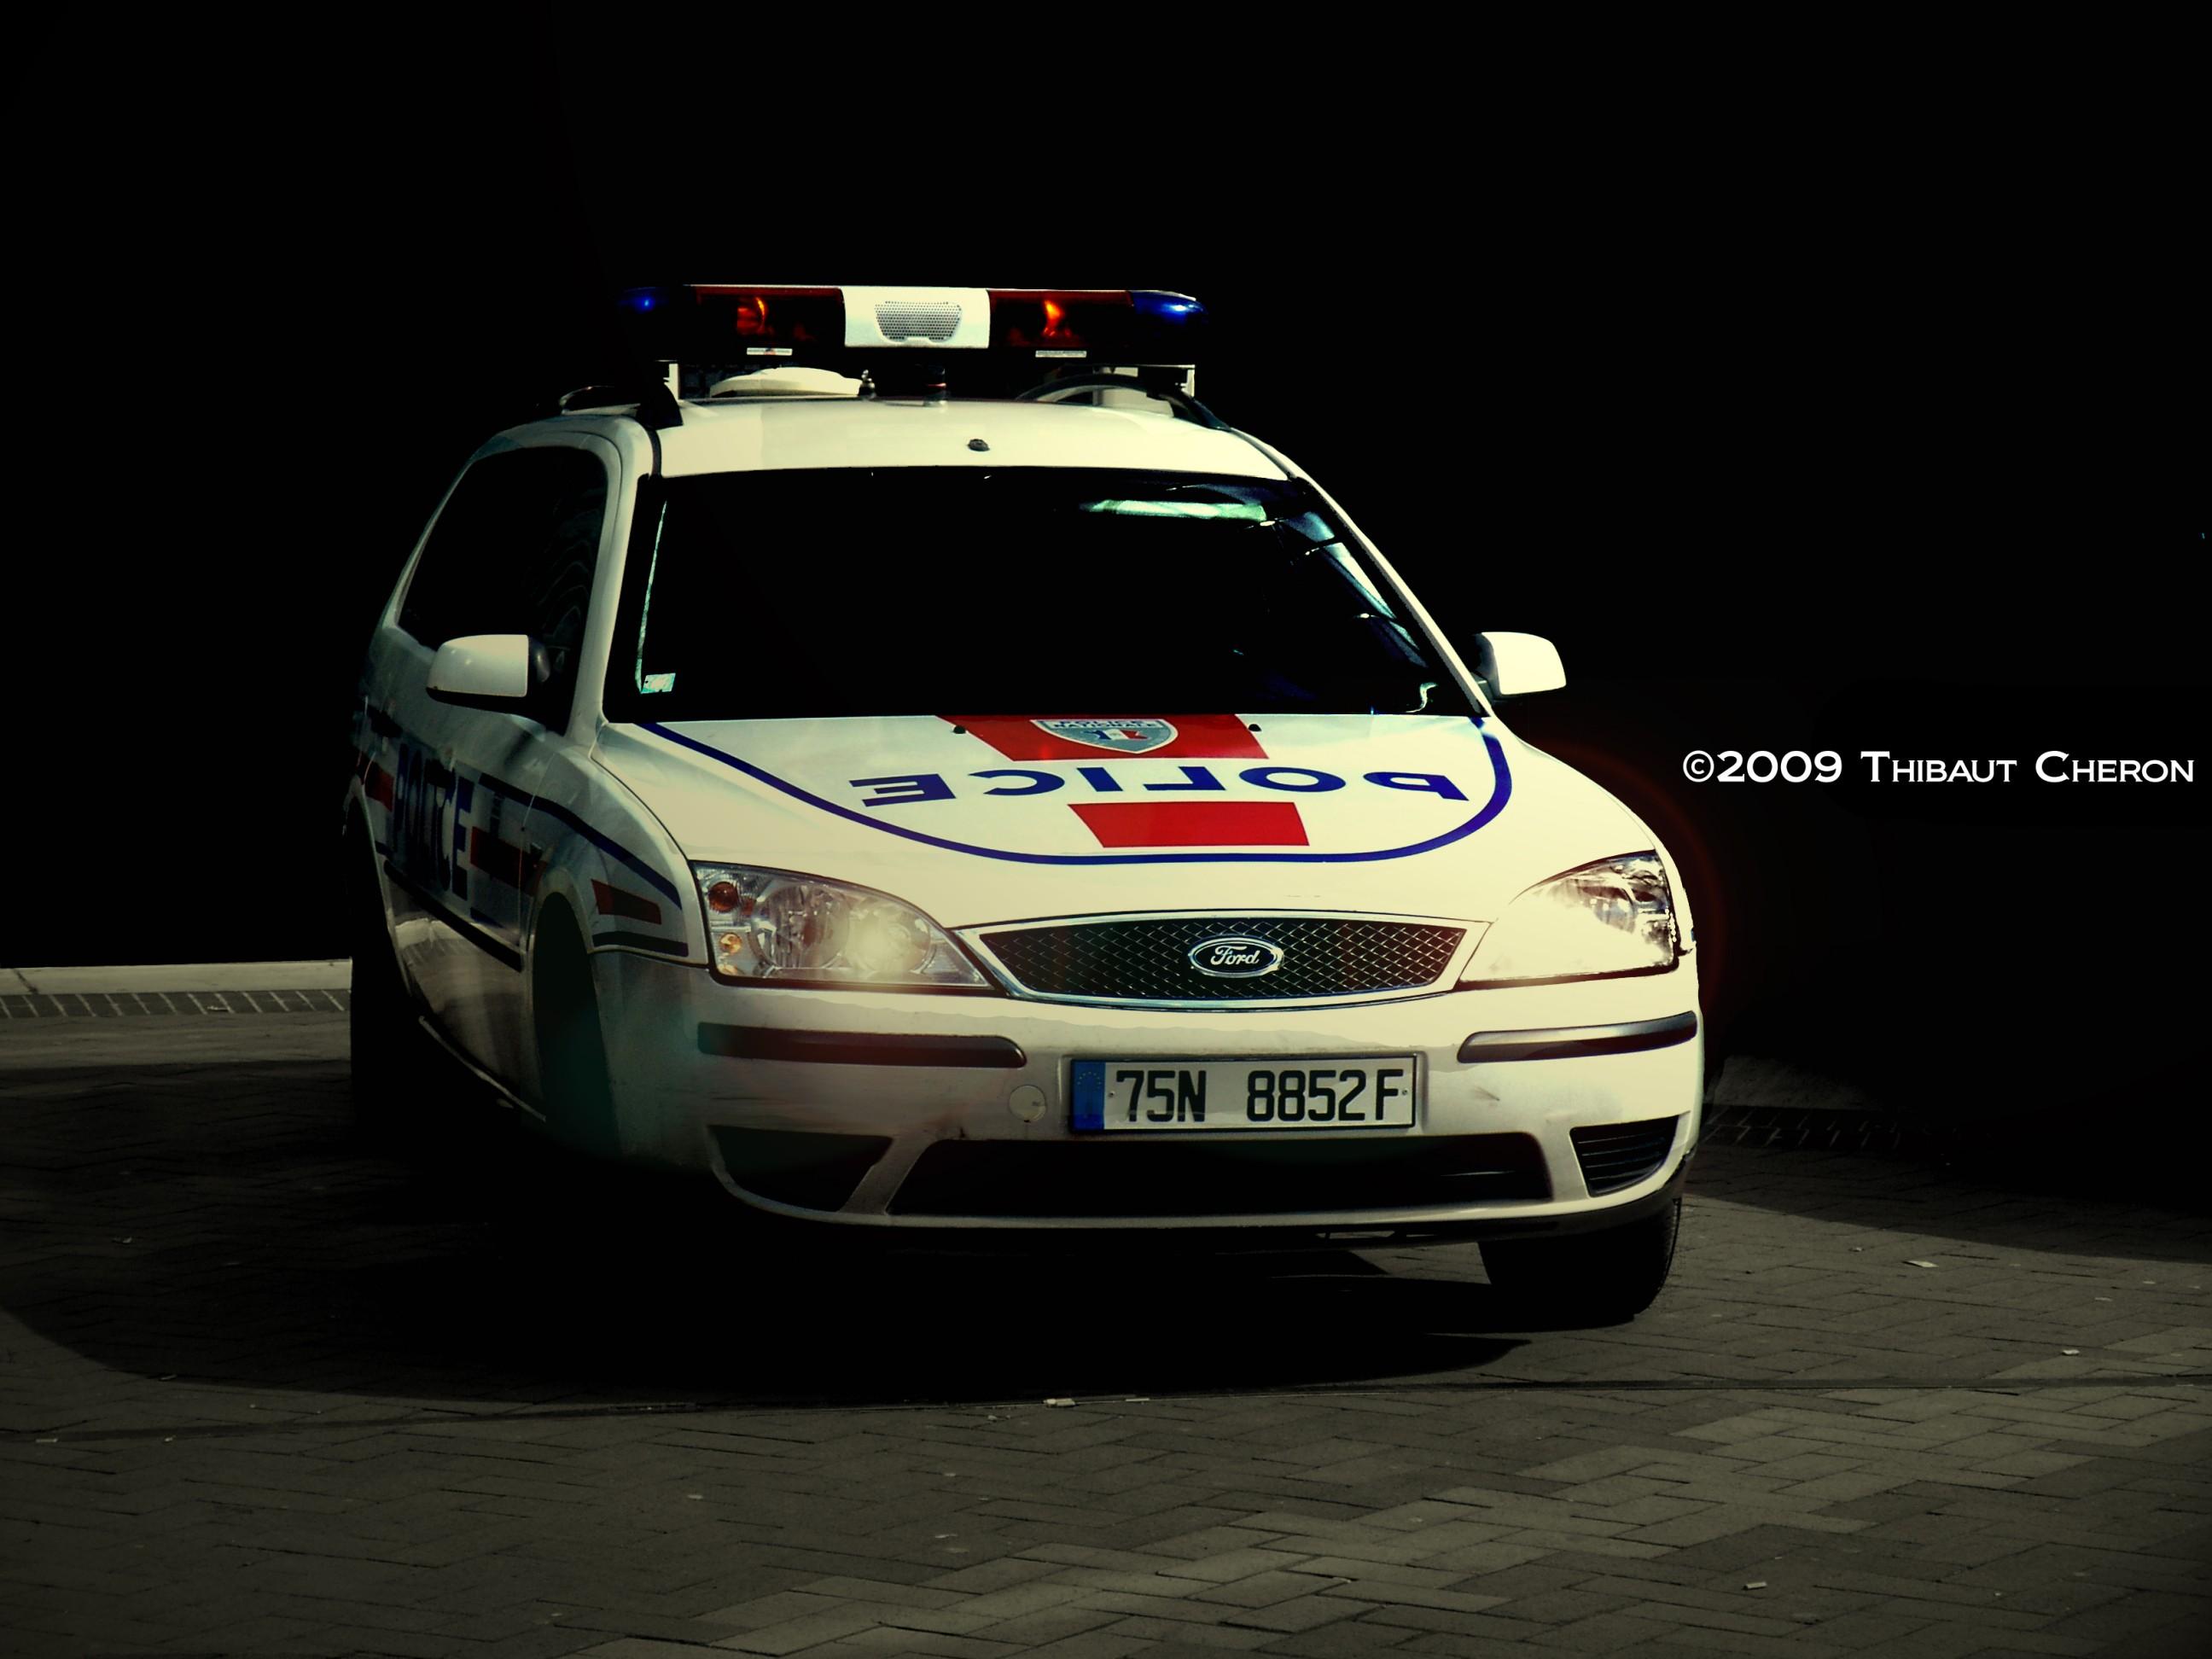 Photos de voitures de Police - Page 1391 - Auto titre